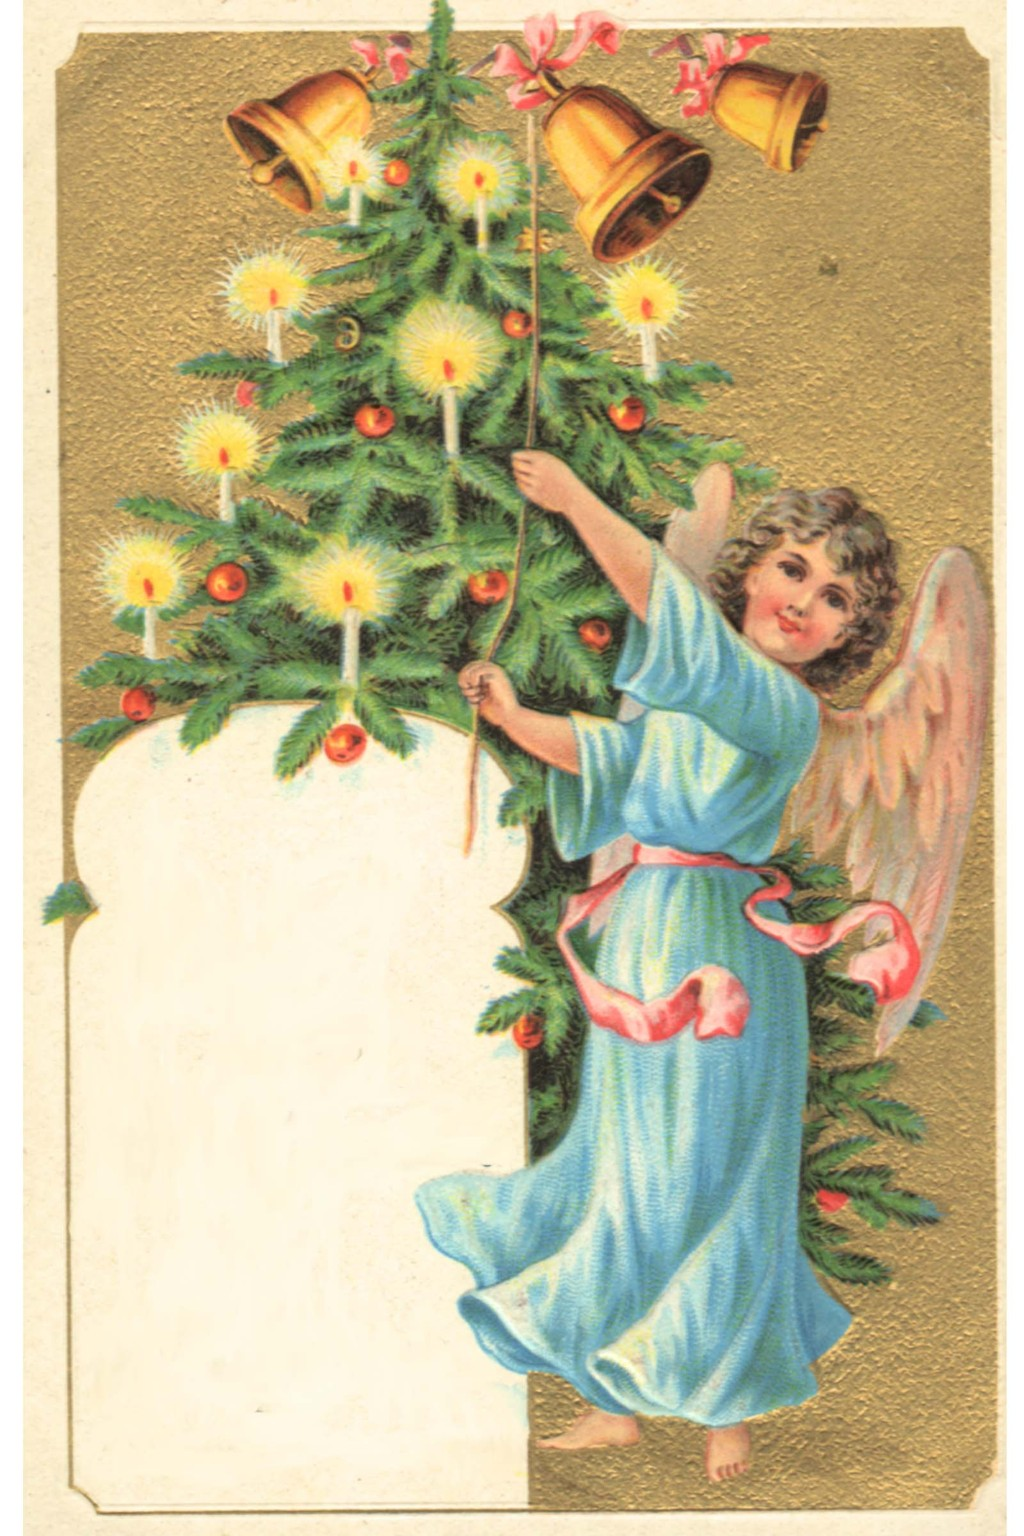 Weihnachtsgrüße und Wünsche zur Weihnachtszeit - Frohes Fest!